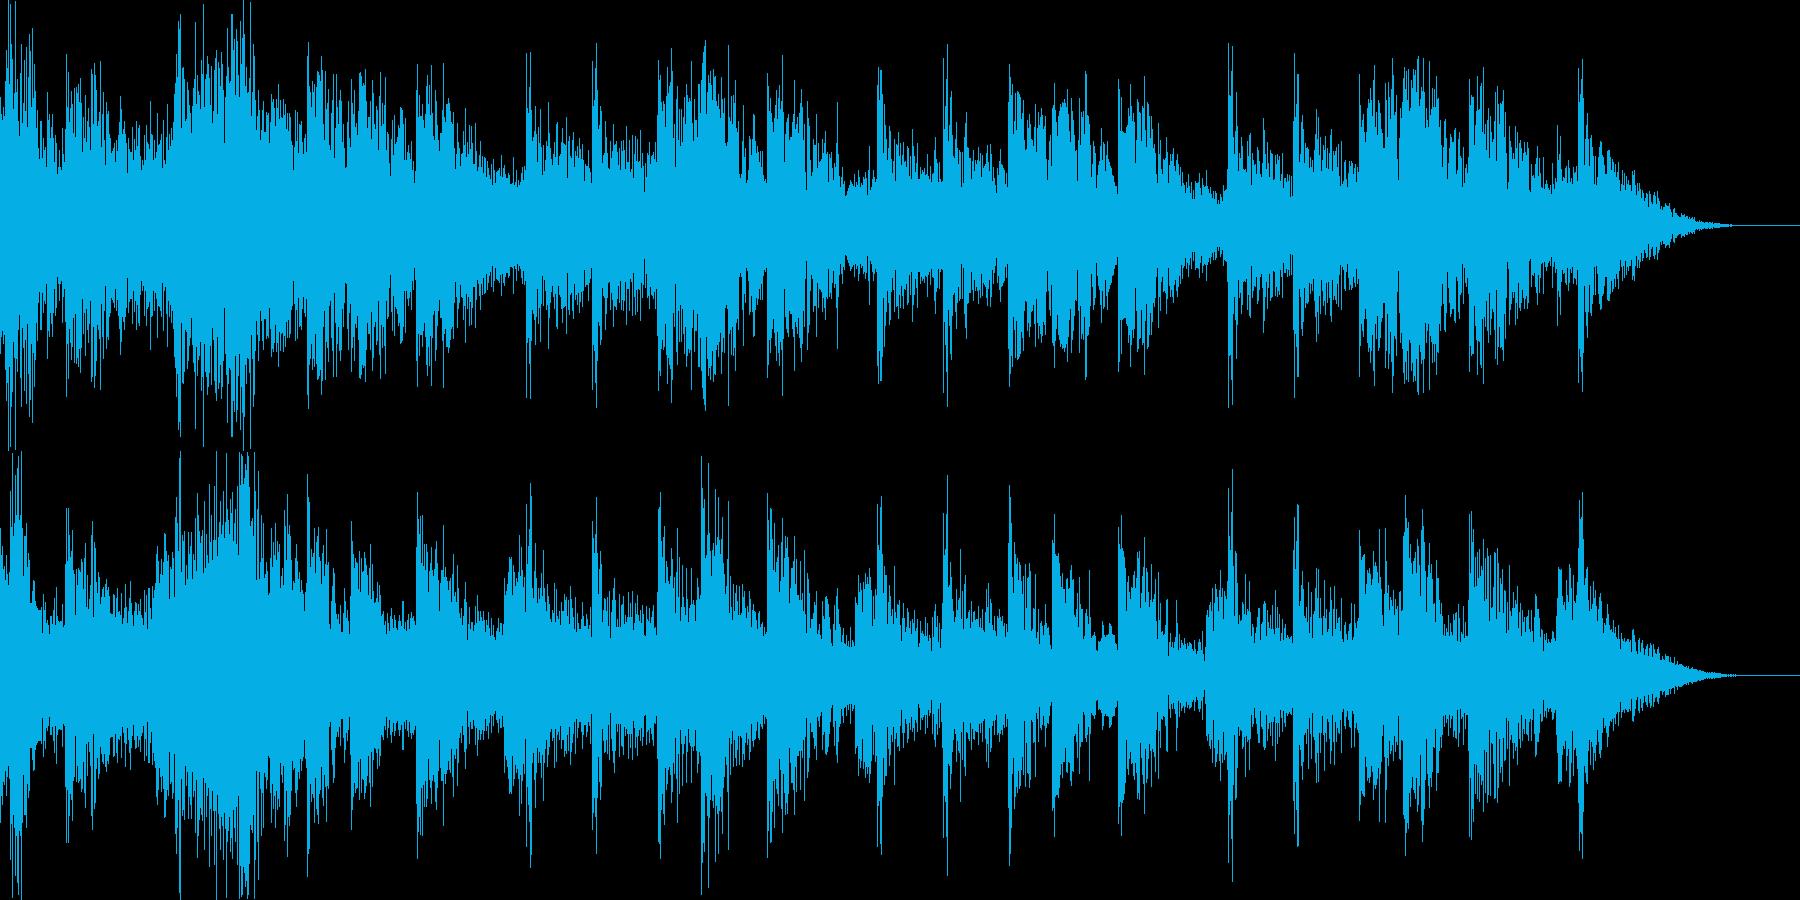 ハラハラとするBGMの再生済みの波形